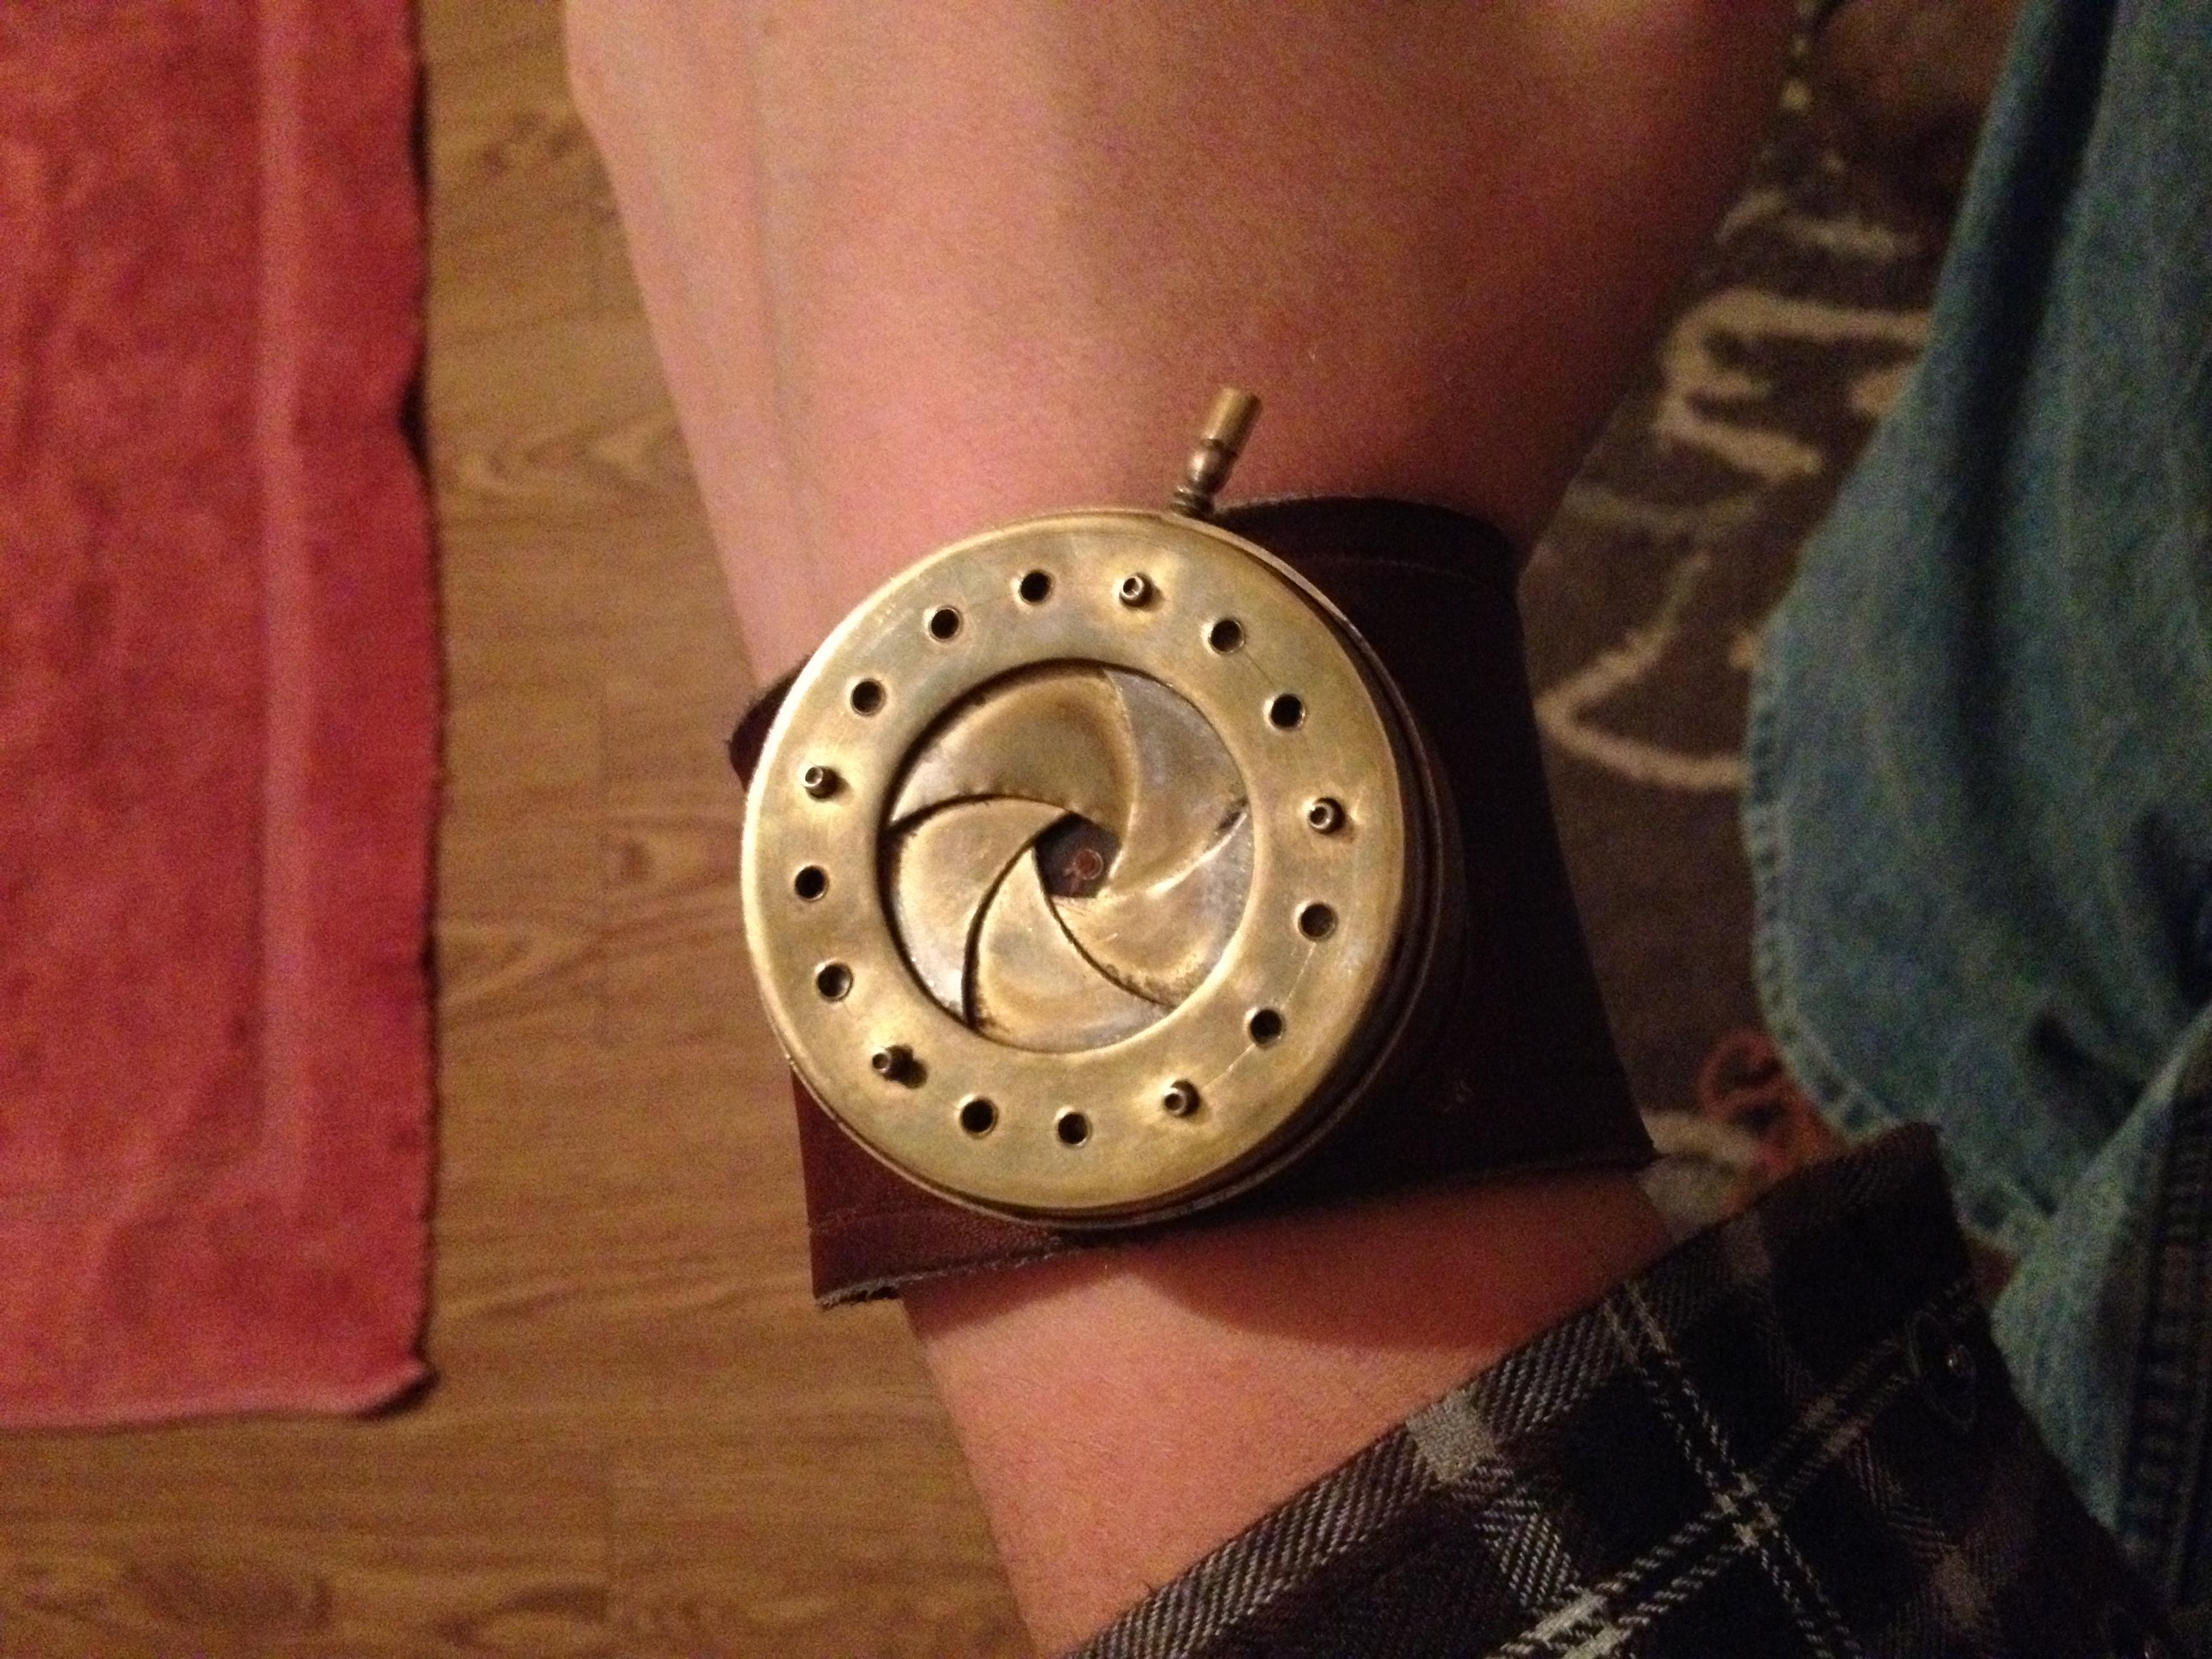 How to make an Iris Diaphram watch